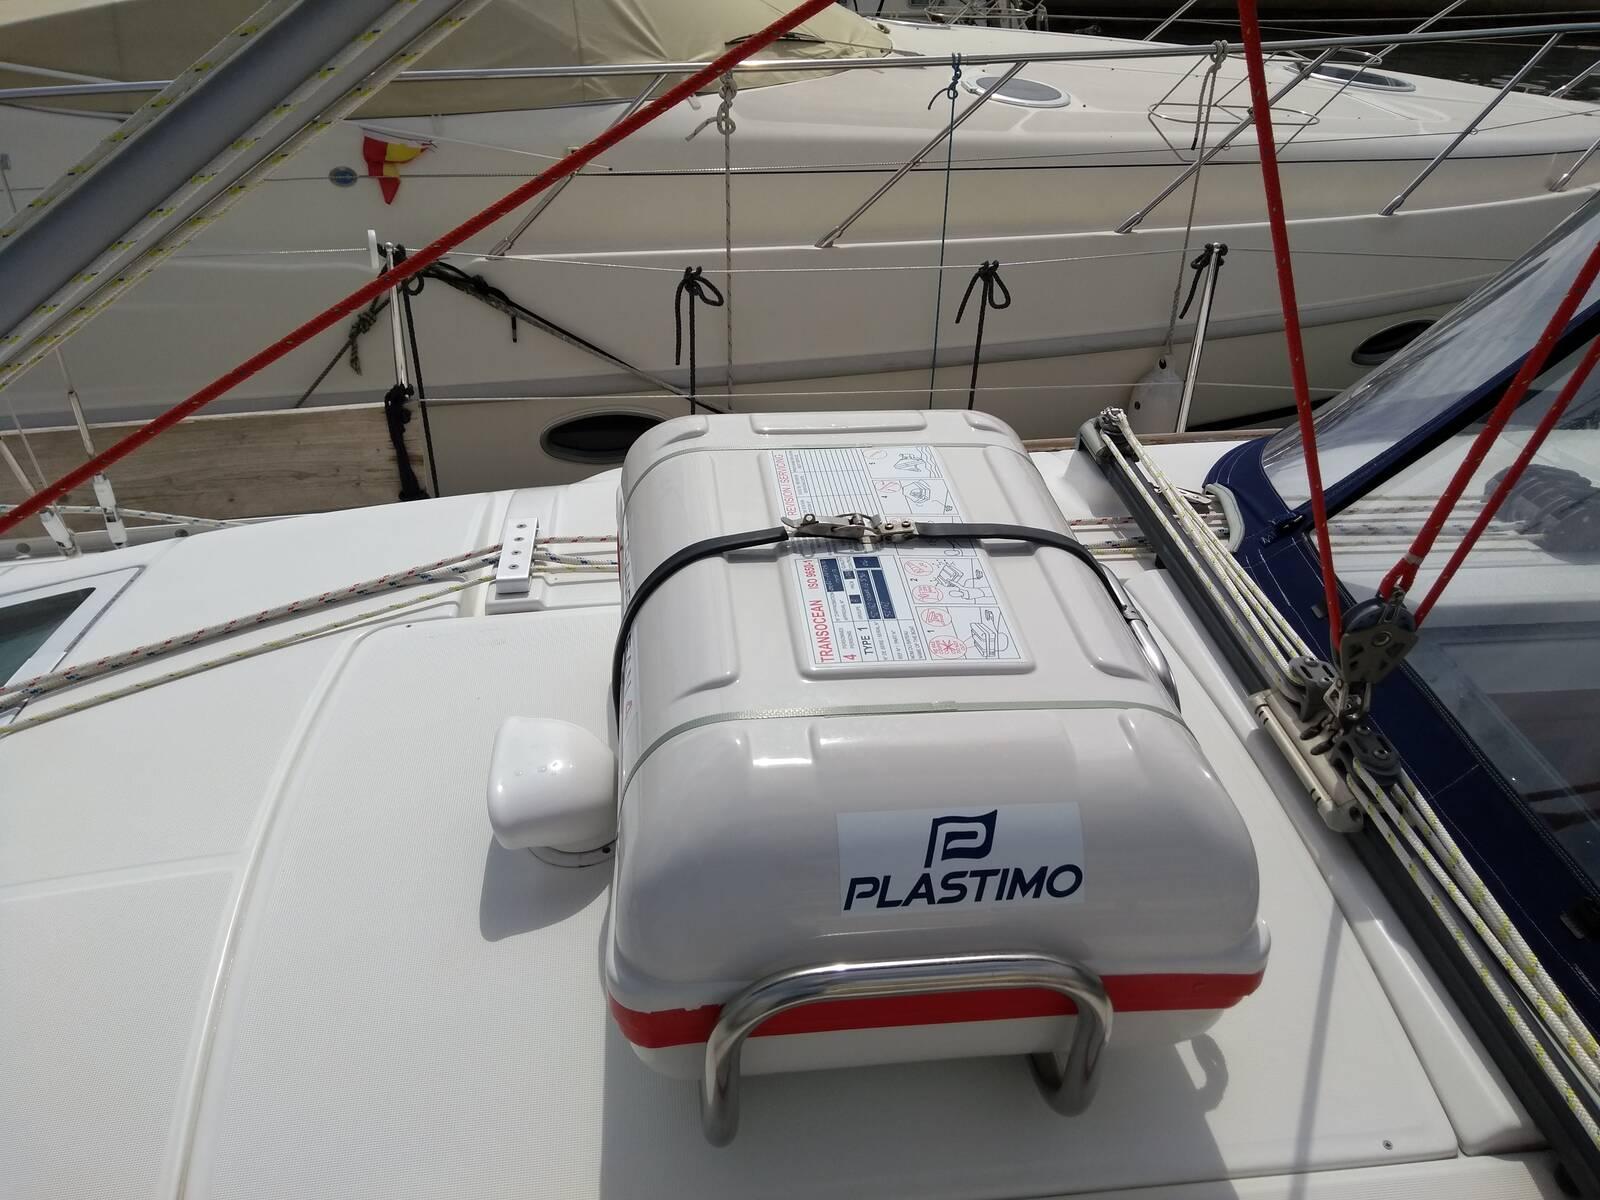 Beneteau Oceanis 343 liferaft